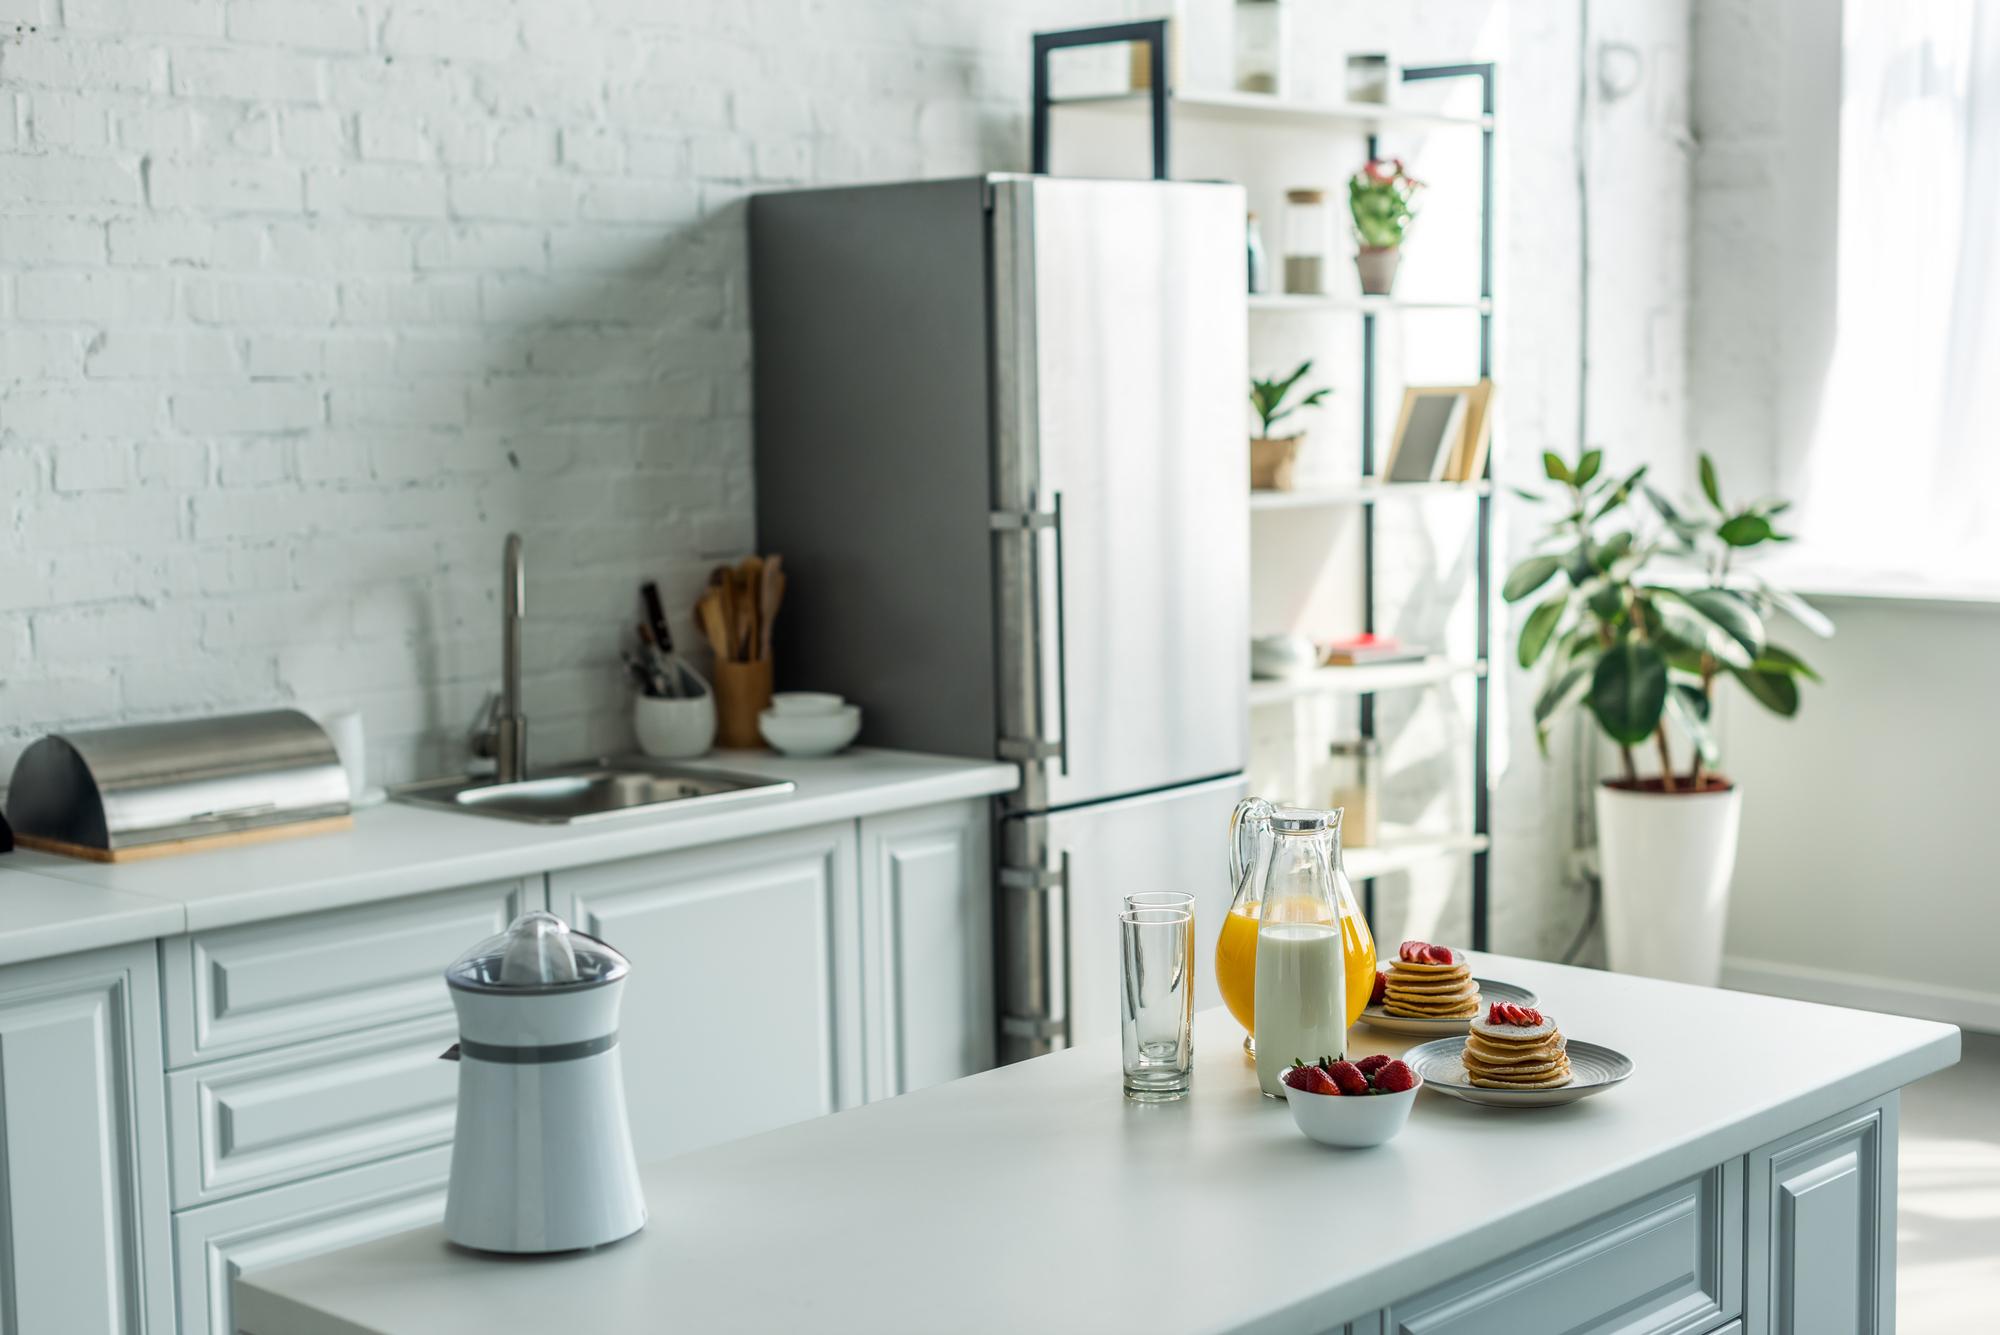 Alul- vagy felül fagyasztós hűtő? Esetleg side-by-side? A döntés rajtunk áll.